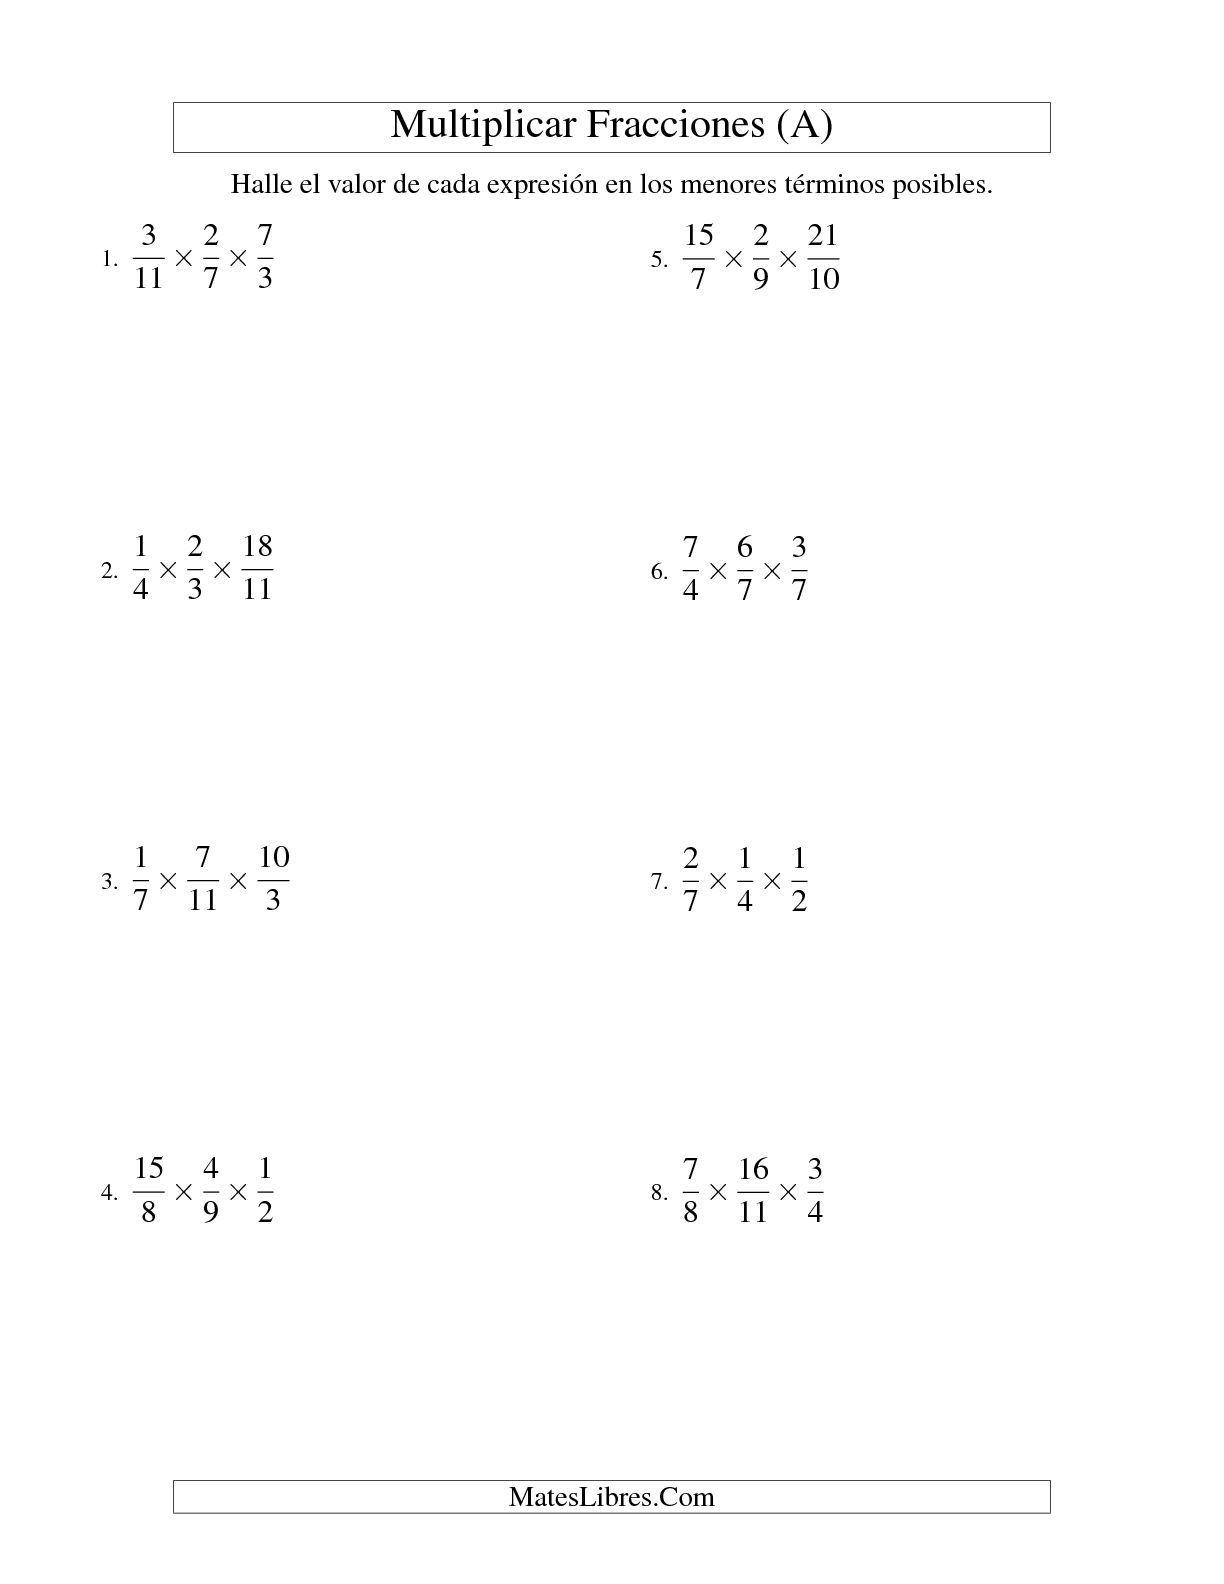 La Multiplicar Y Simplificar Tres Fracciones Impropias A